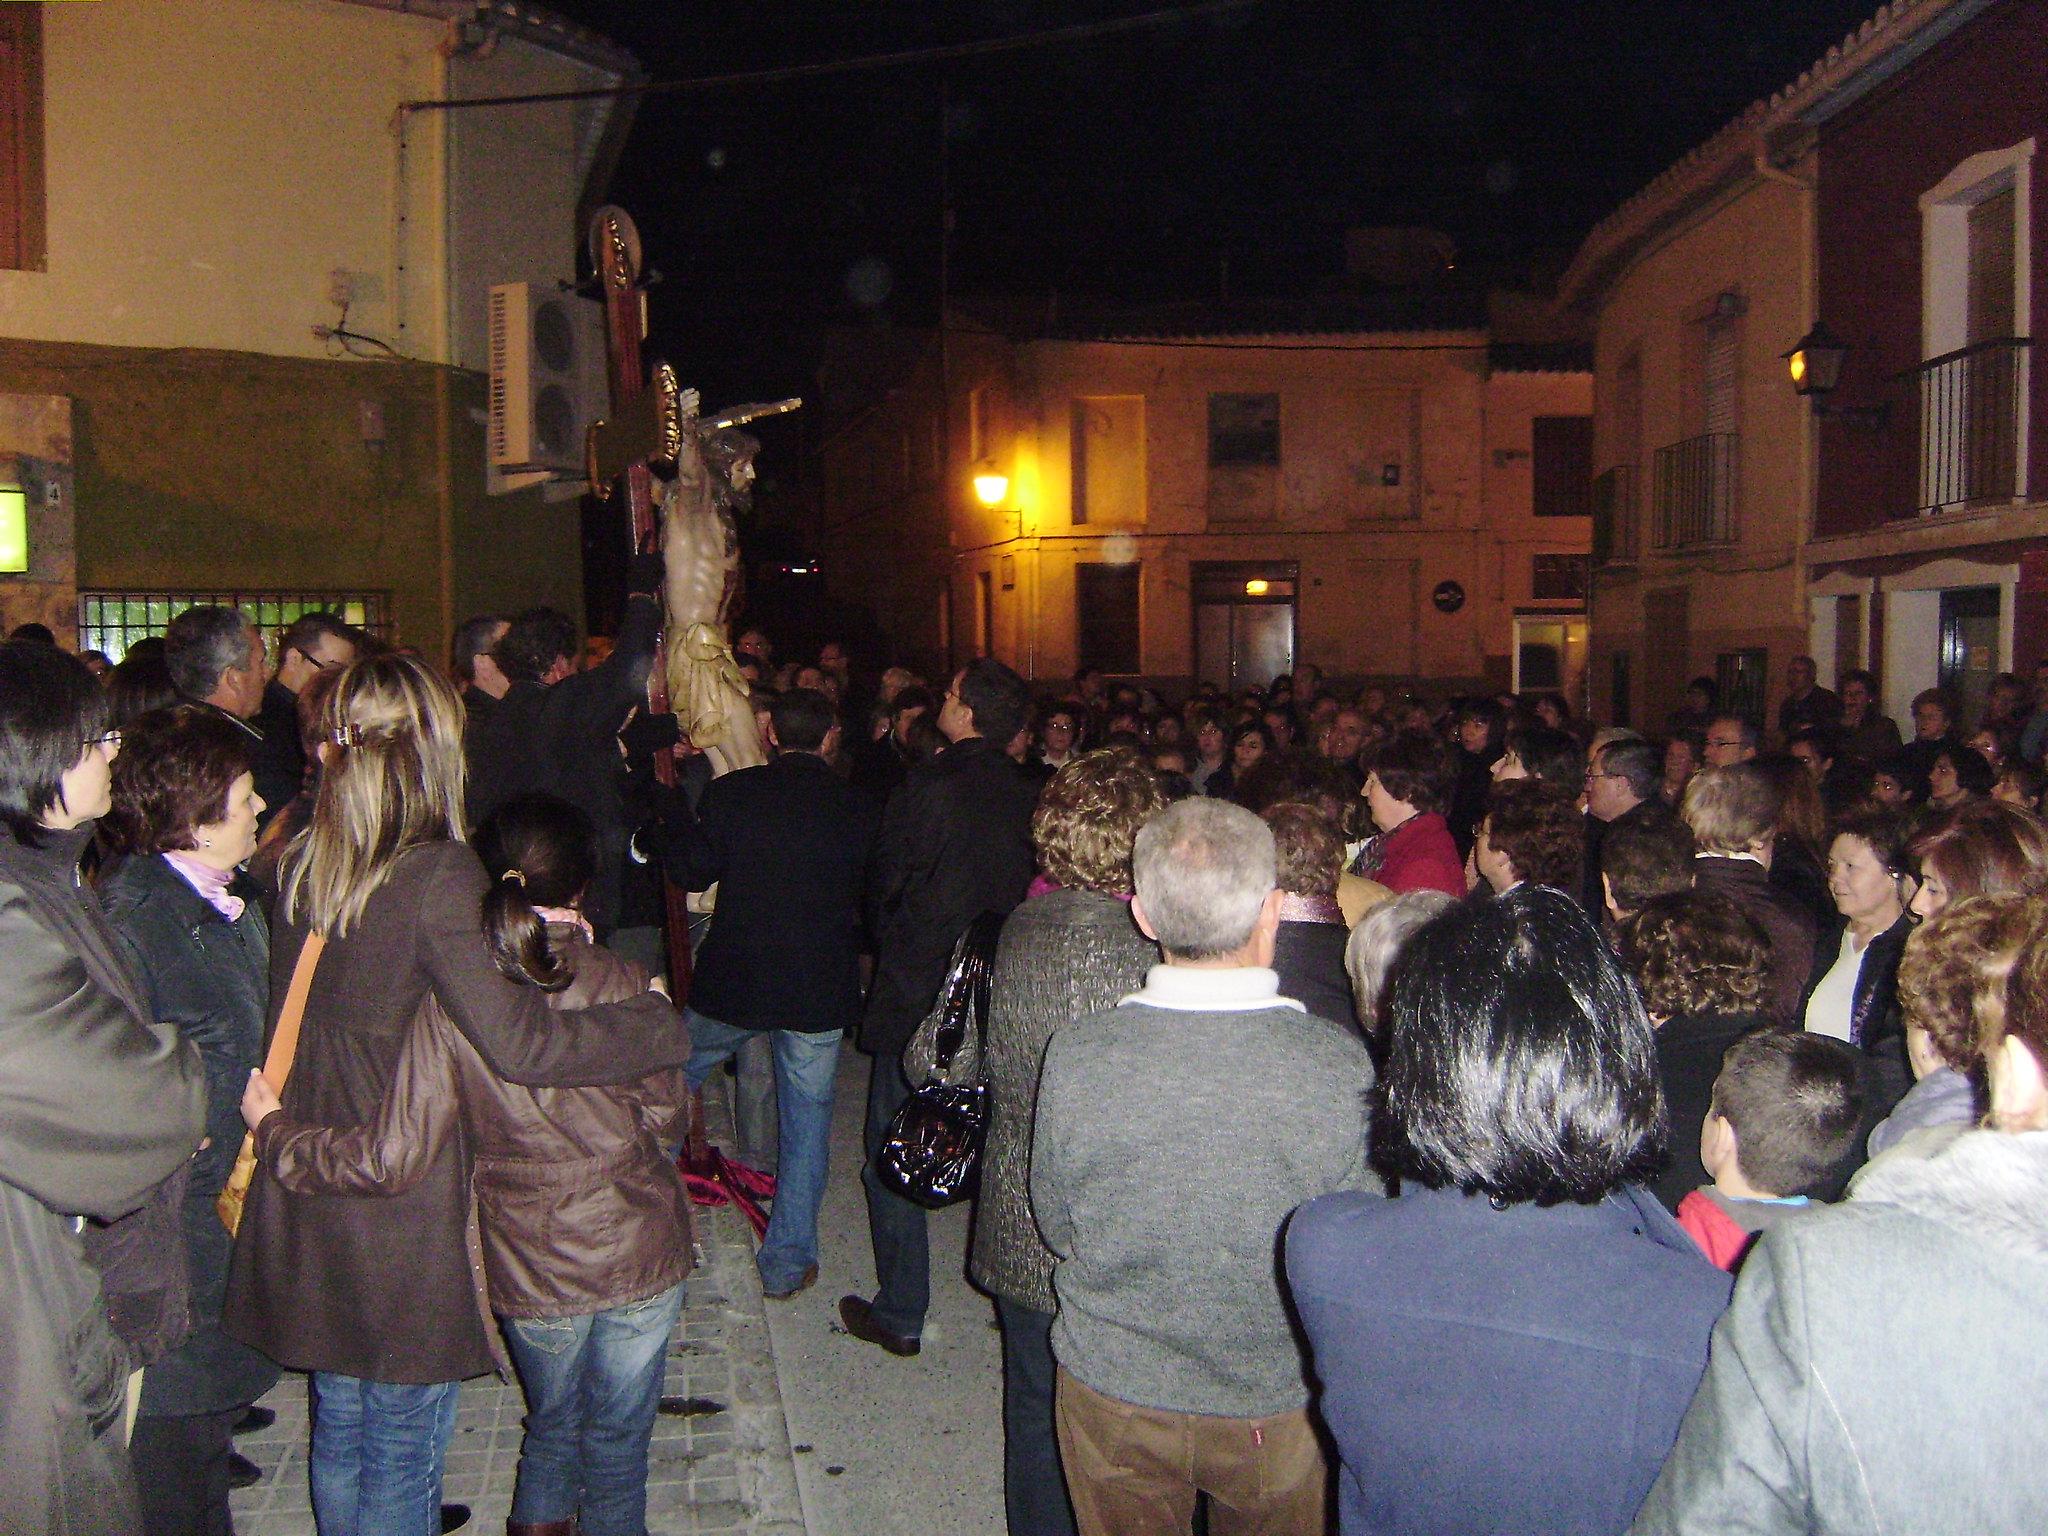 (2010-03-26) - I Vía Crucis nocturno - Javier Romero Ripoll - (10)